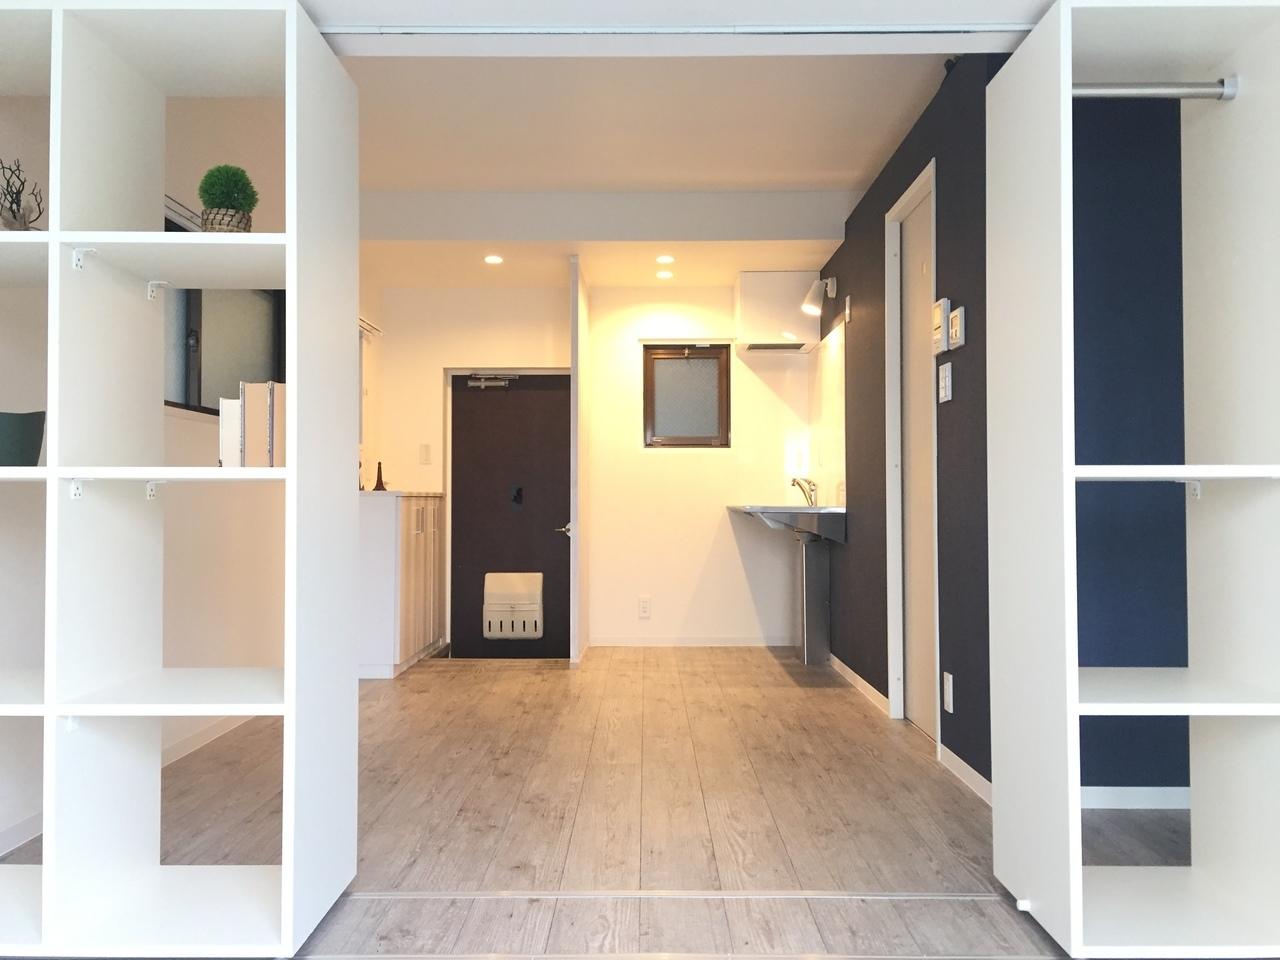 つづいてこちらは、可動式の棚で部屋を仕切るタイプの1LDK。